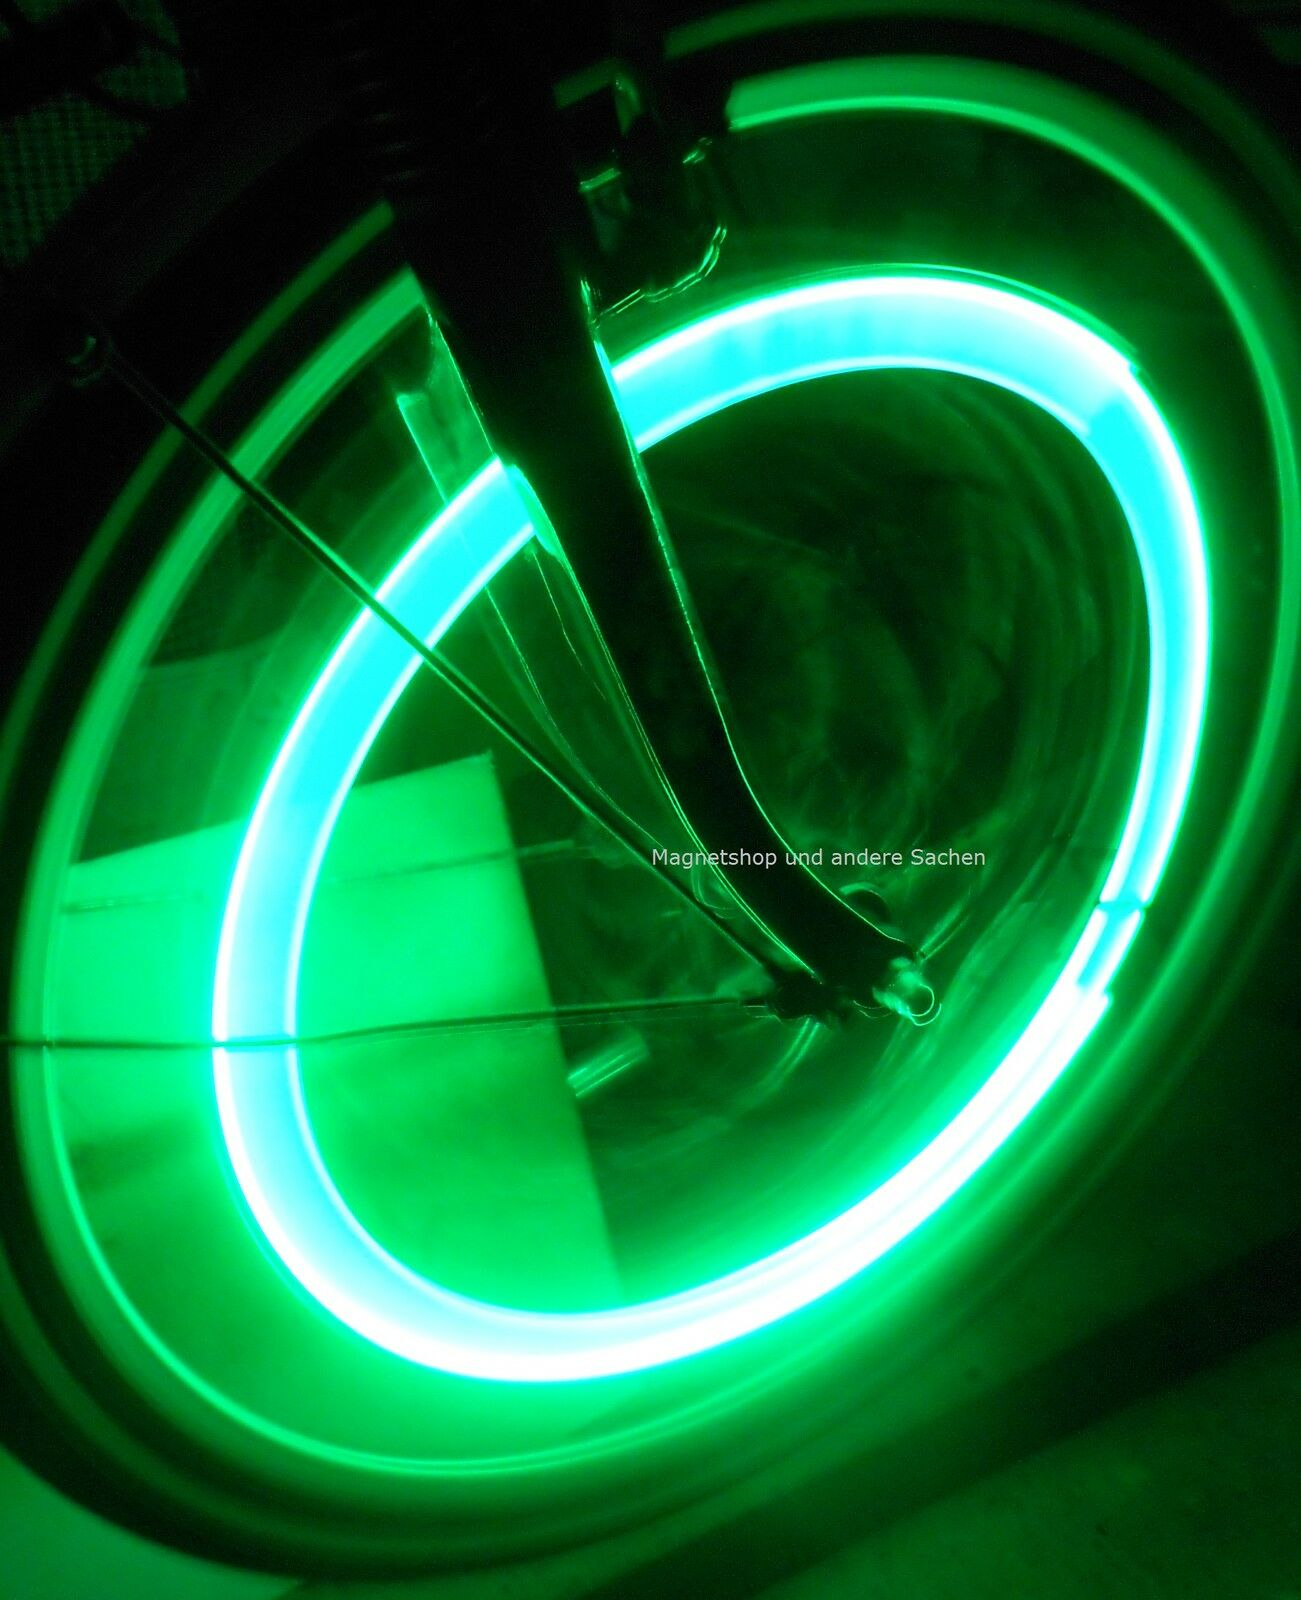 led licht set felgenlicht speichenlicht f r motorrad. Black Bedroom Furniture Sets. Home Design Ideas